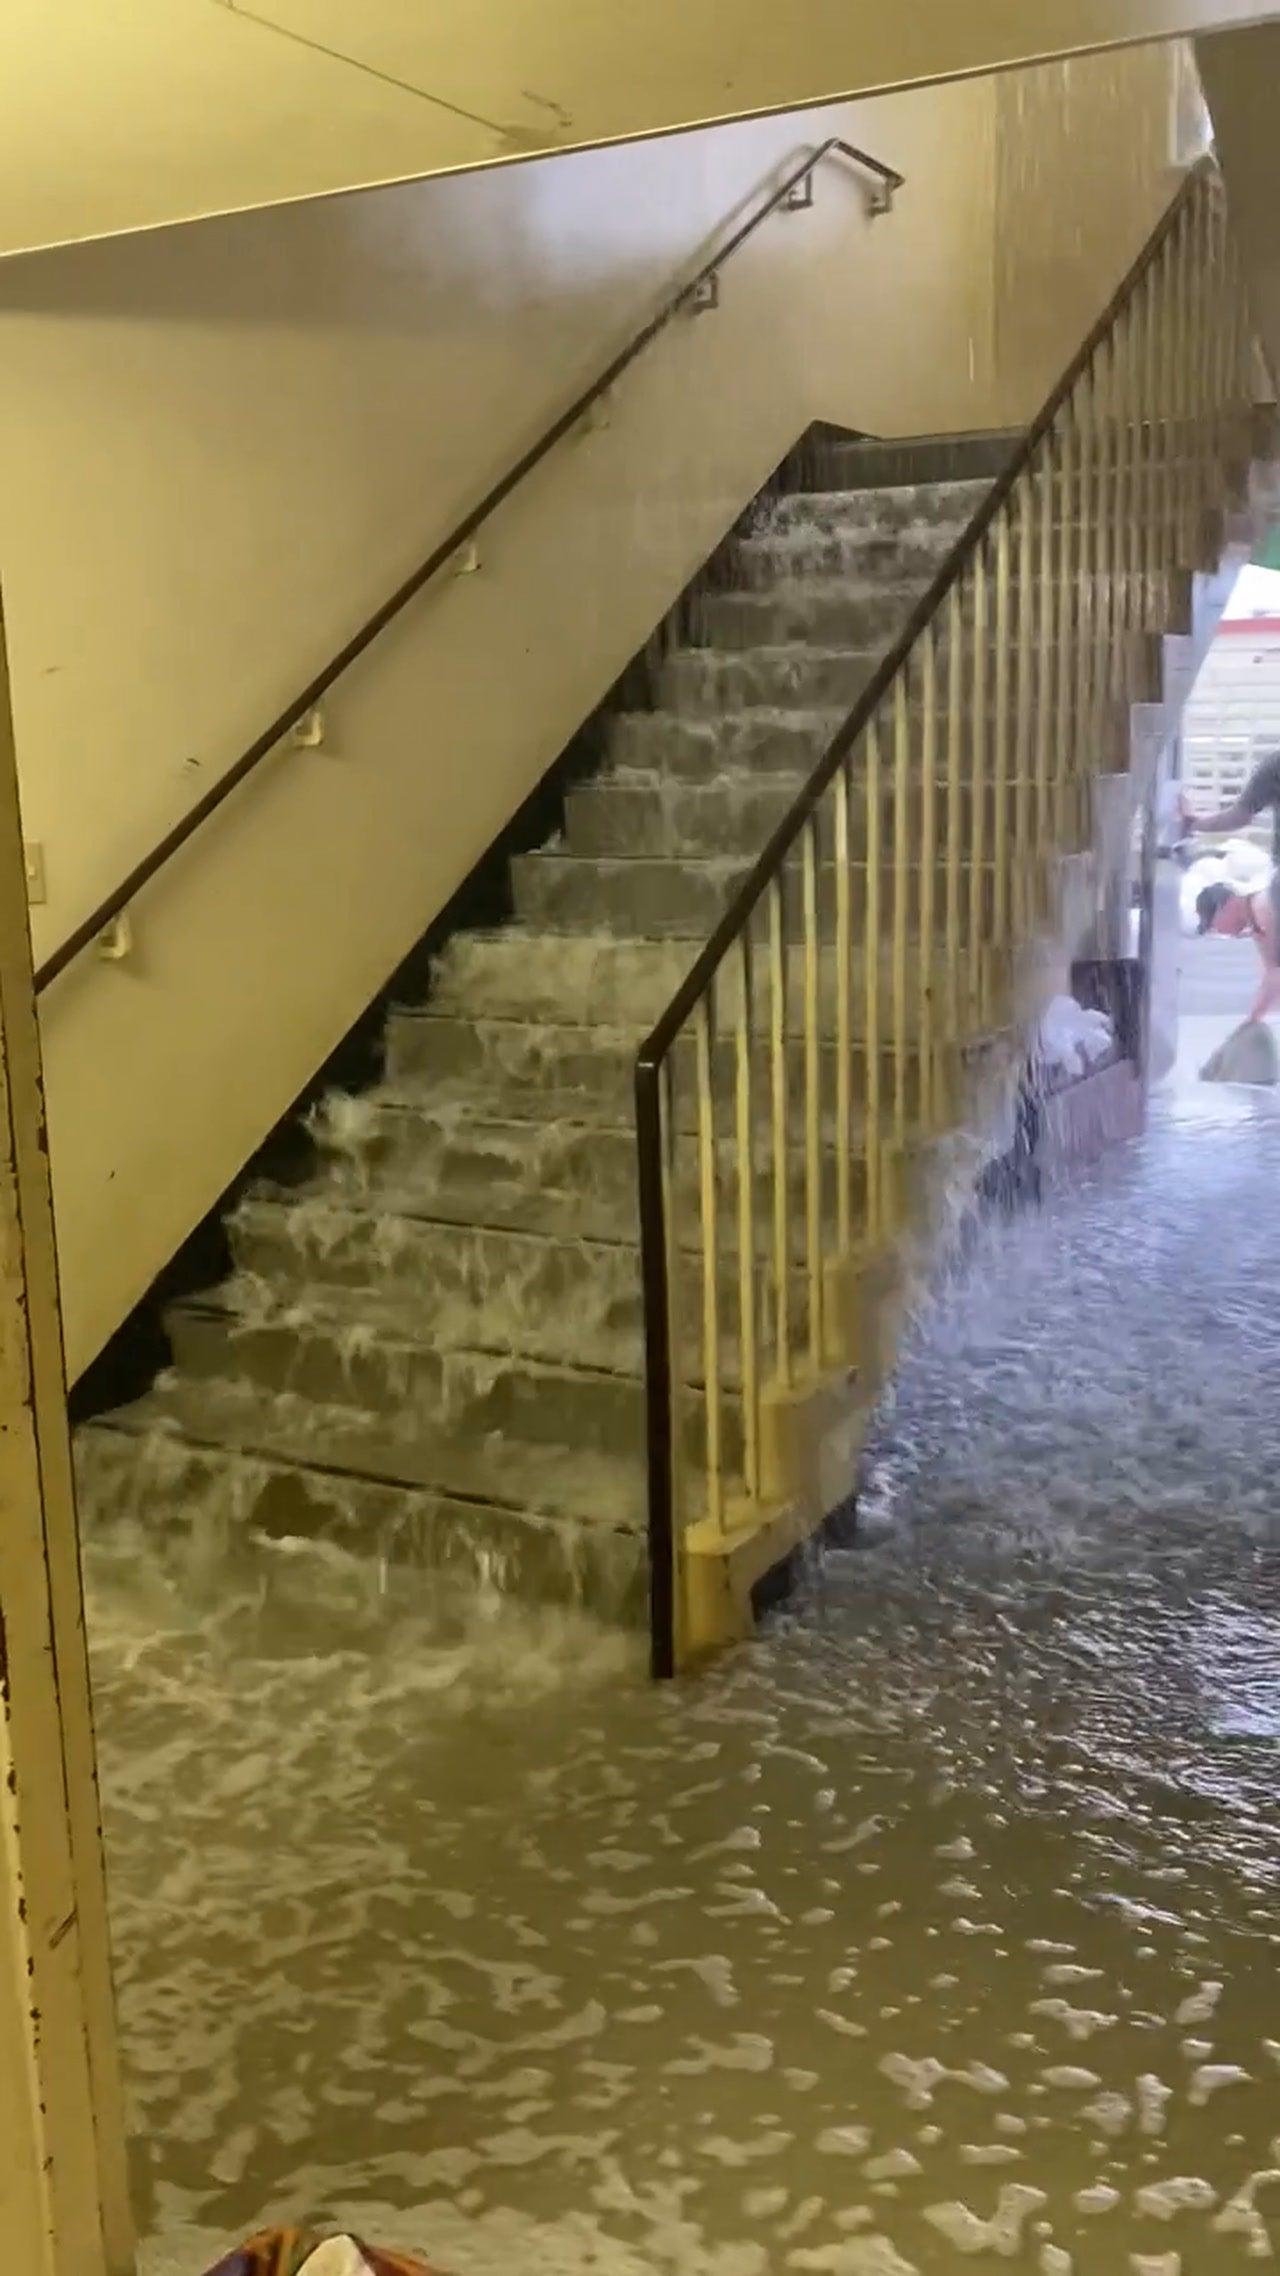 Okinawa Japan barracks flooding